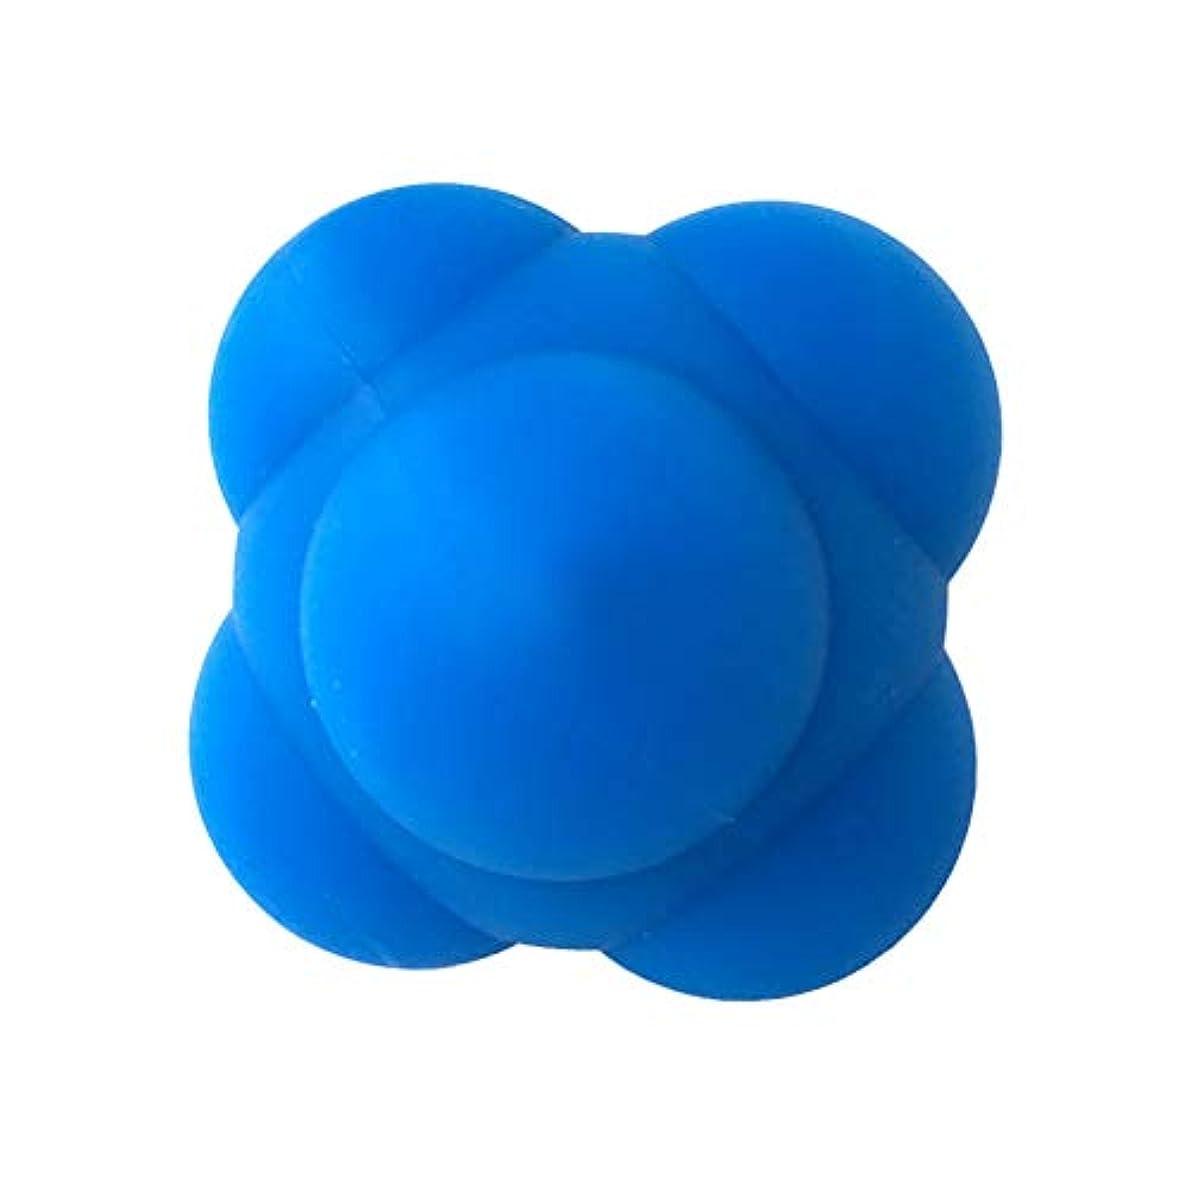 才能道路昼食SUPVOX 野球 練習用品 トレーニングボール ヘキサゴンボール リアクションボール スポーツボール6cm(青)